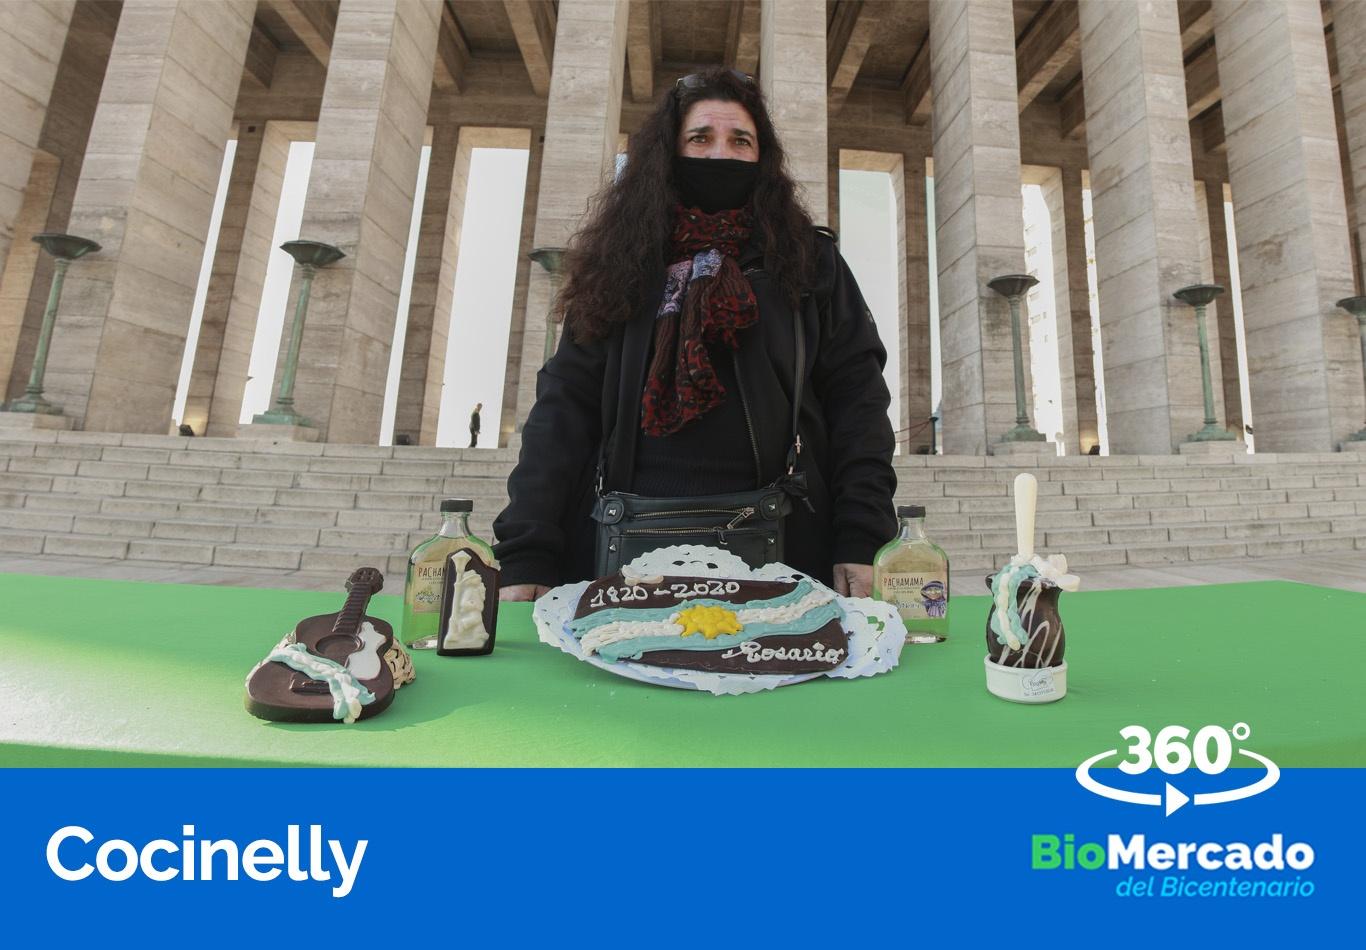 Modelo BioMercado Cocinelly